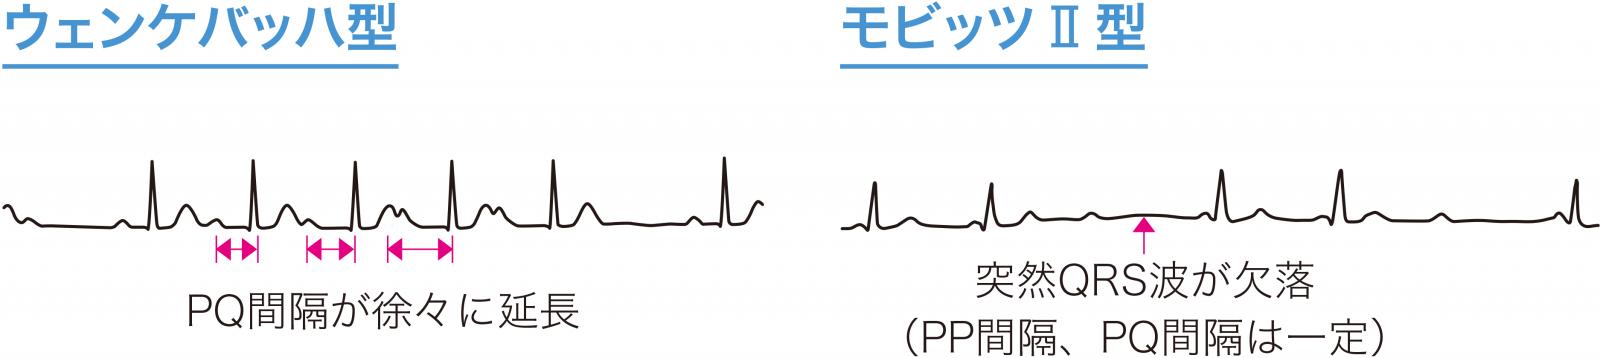 II度房室ブロックの心電図波形